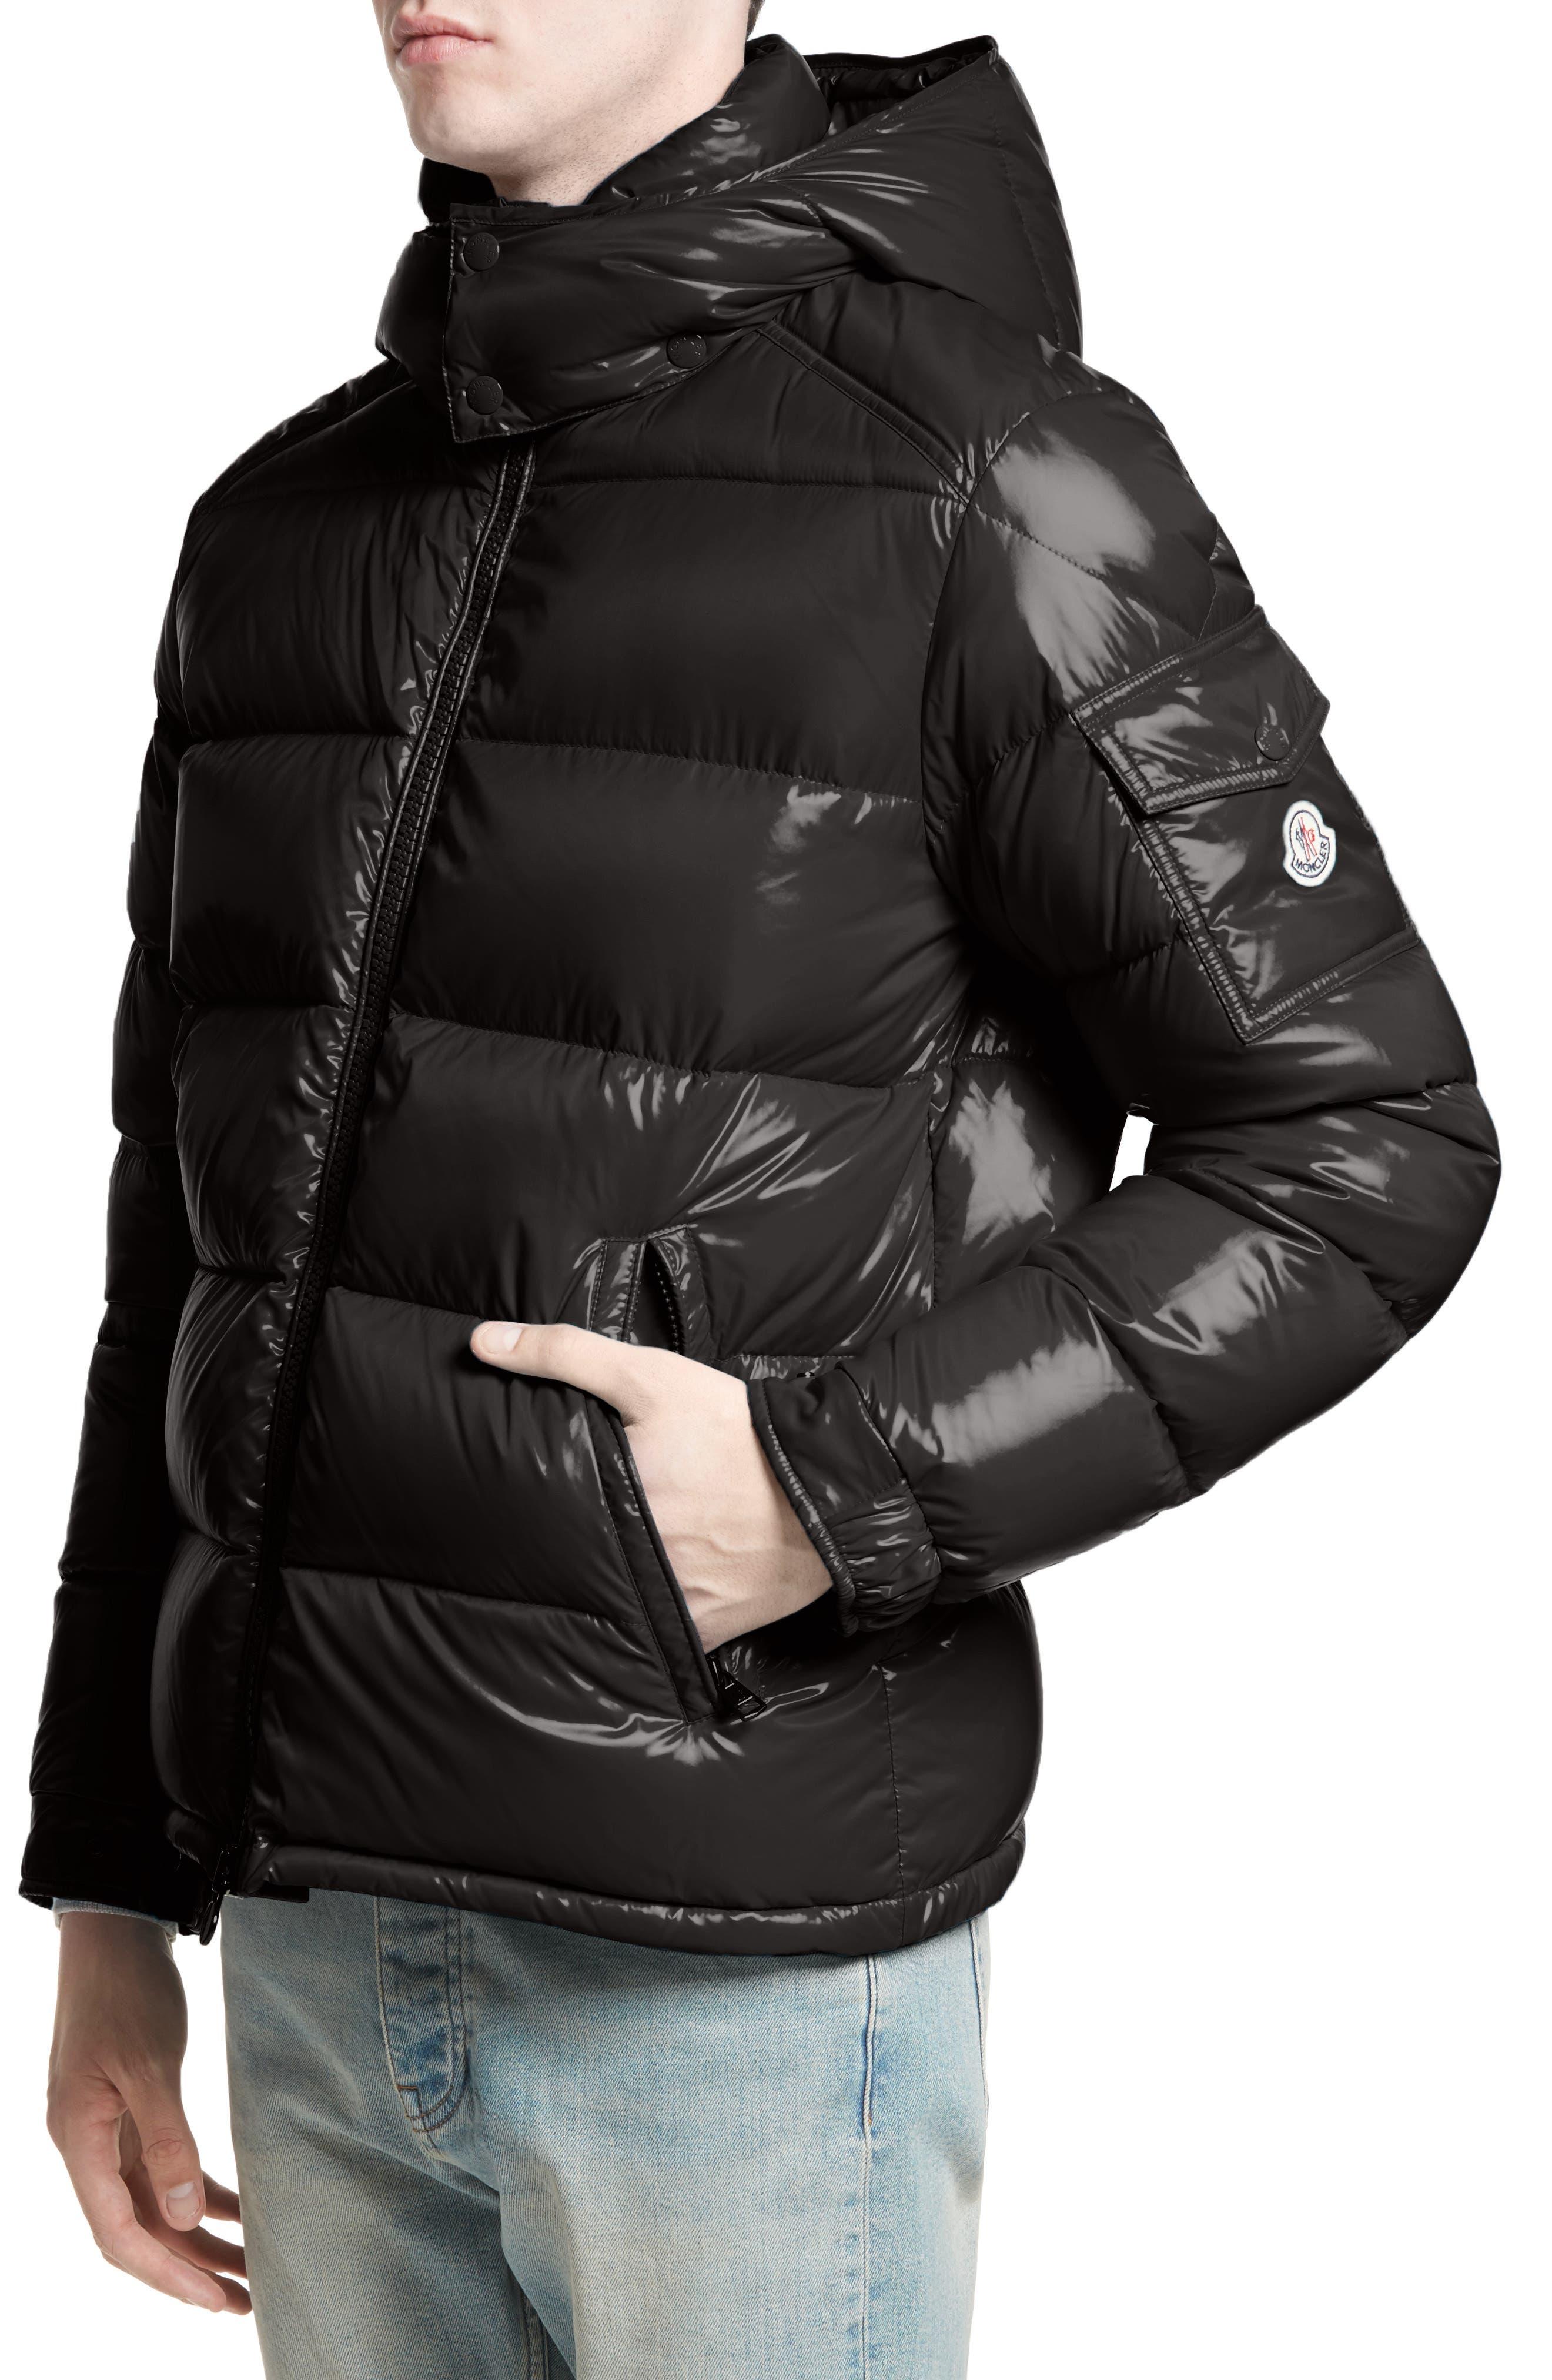 Maya Lacquered Down Jacket,                         Main,                         color, Black